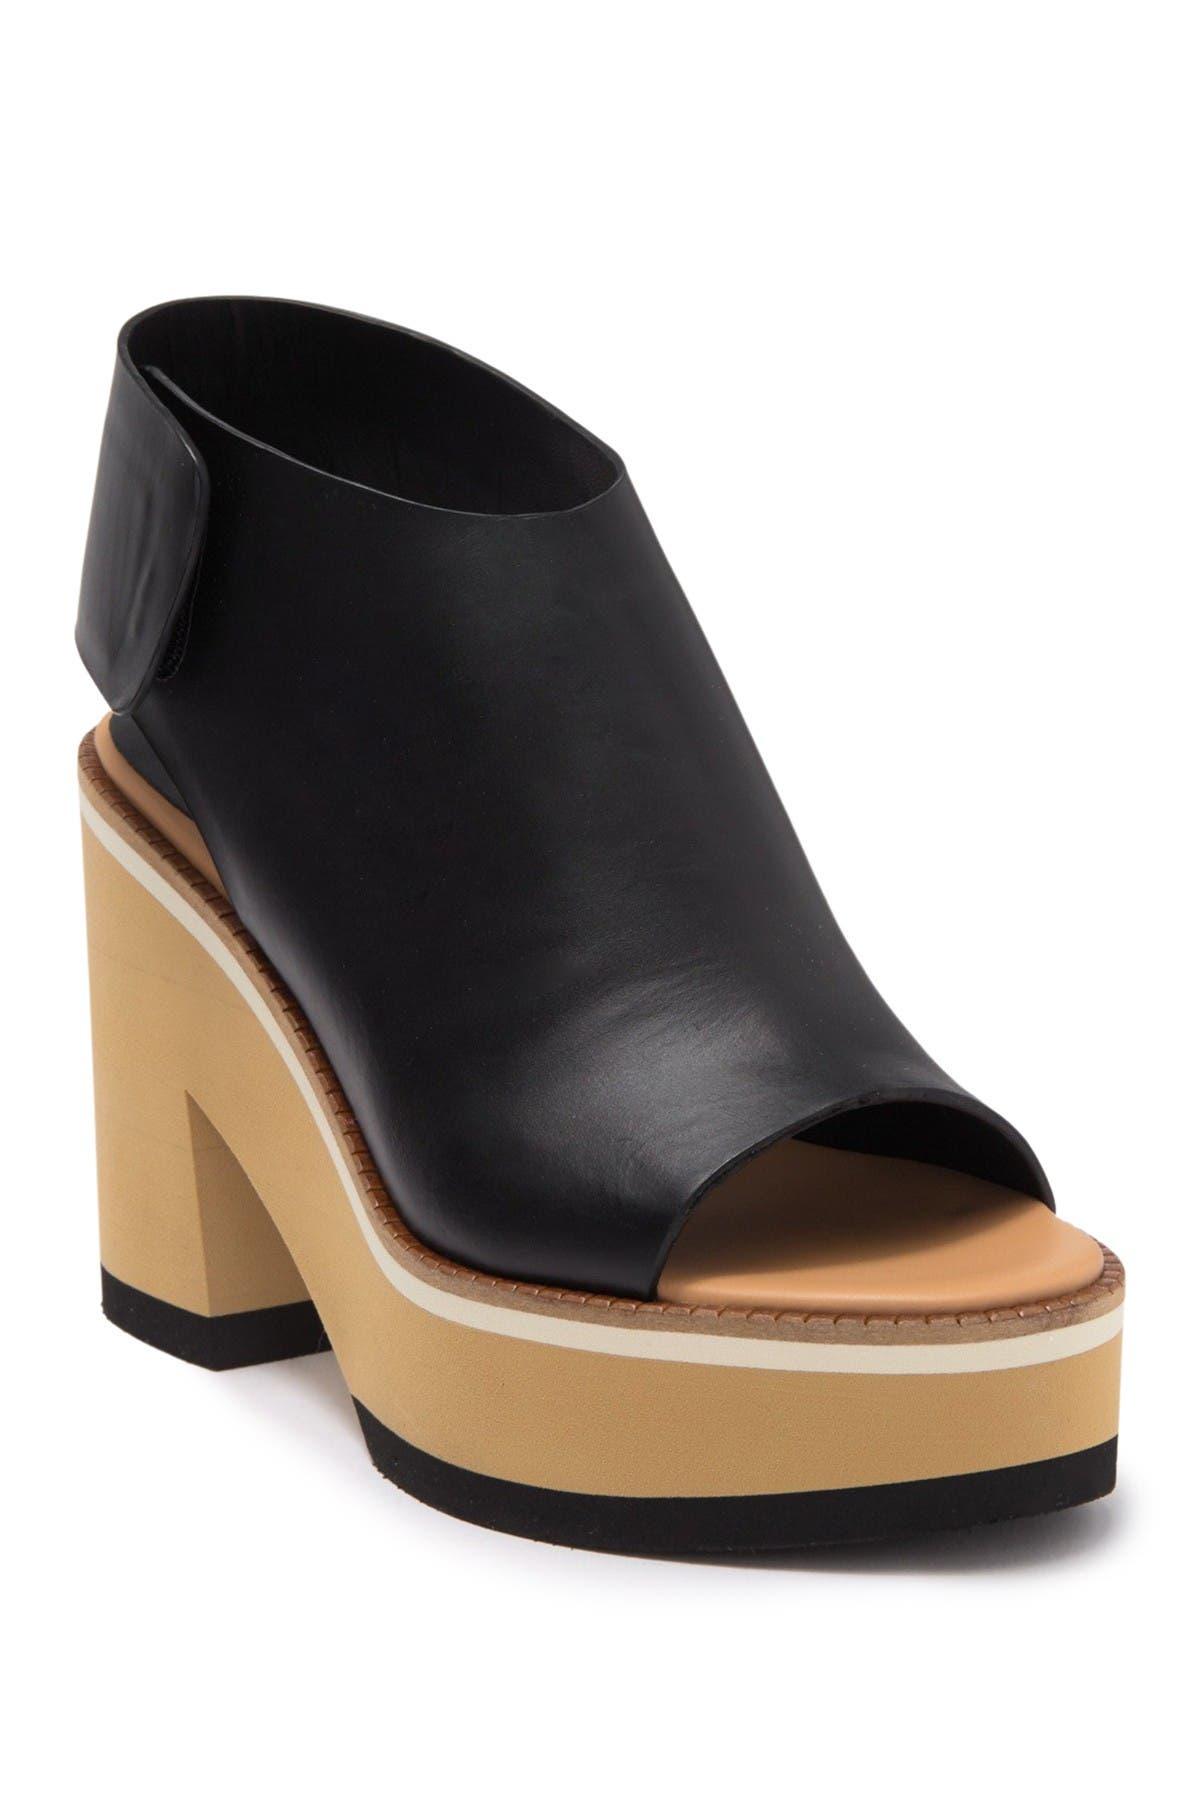 Image of Paloma Barcelo Ellen Block Heel Platform Sandal